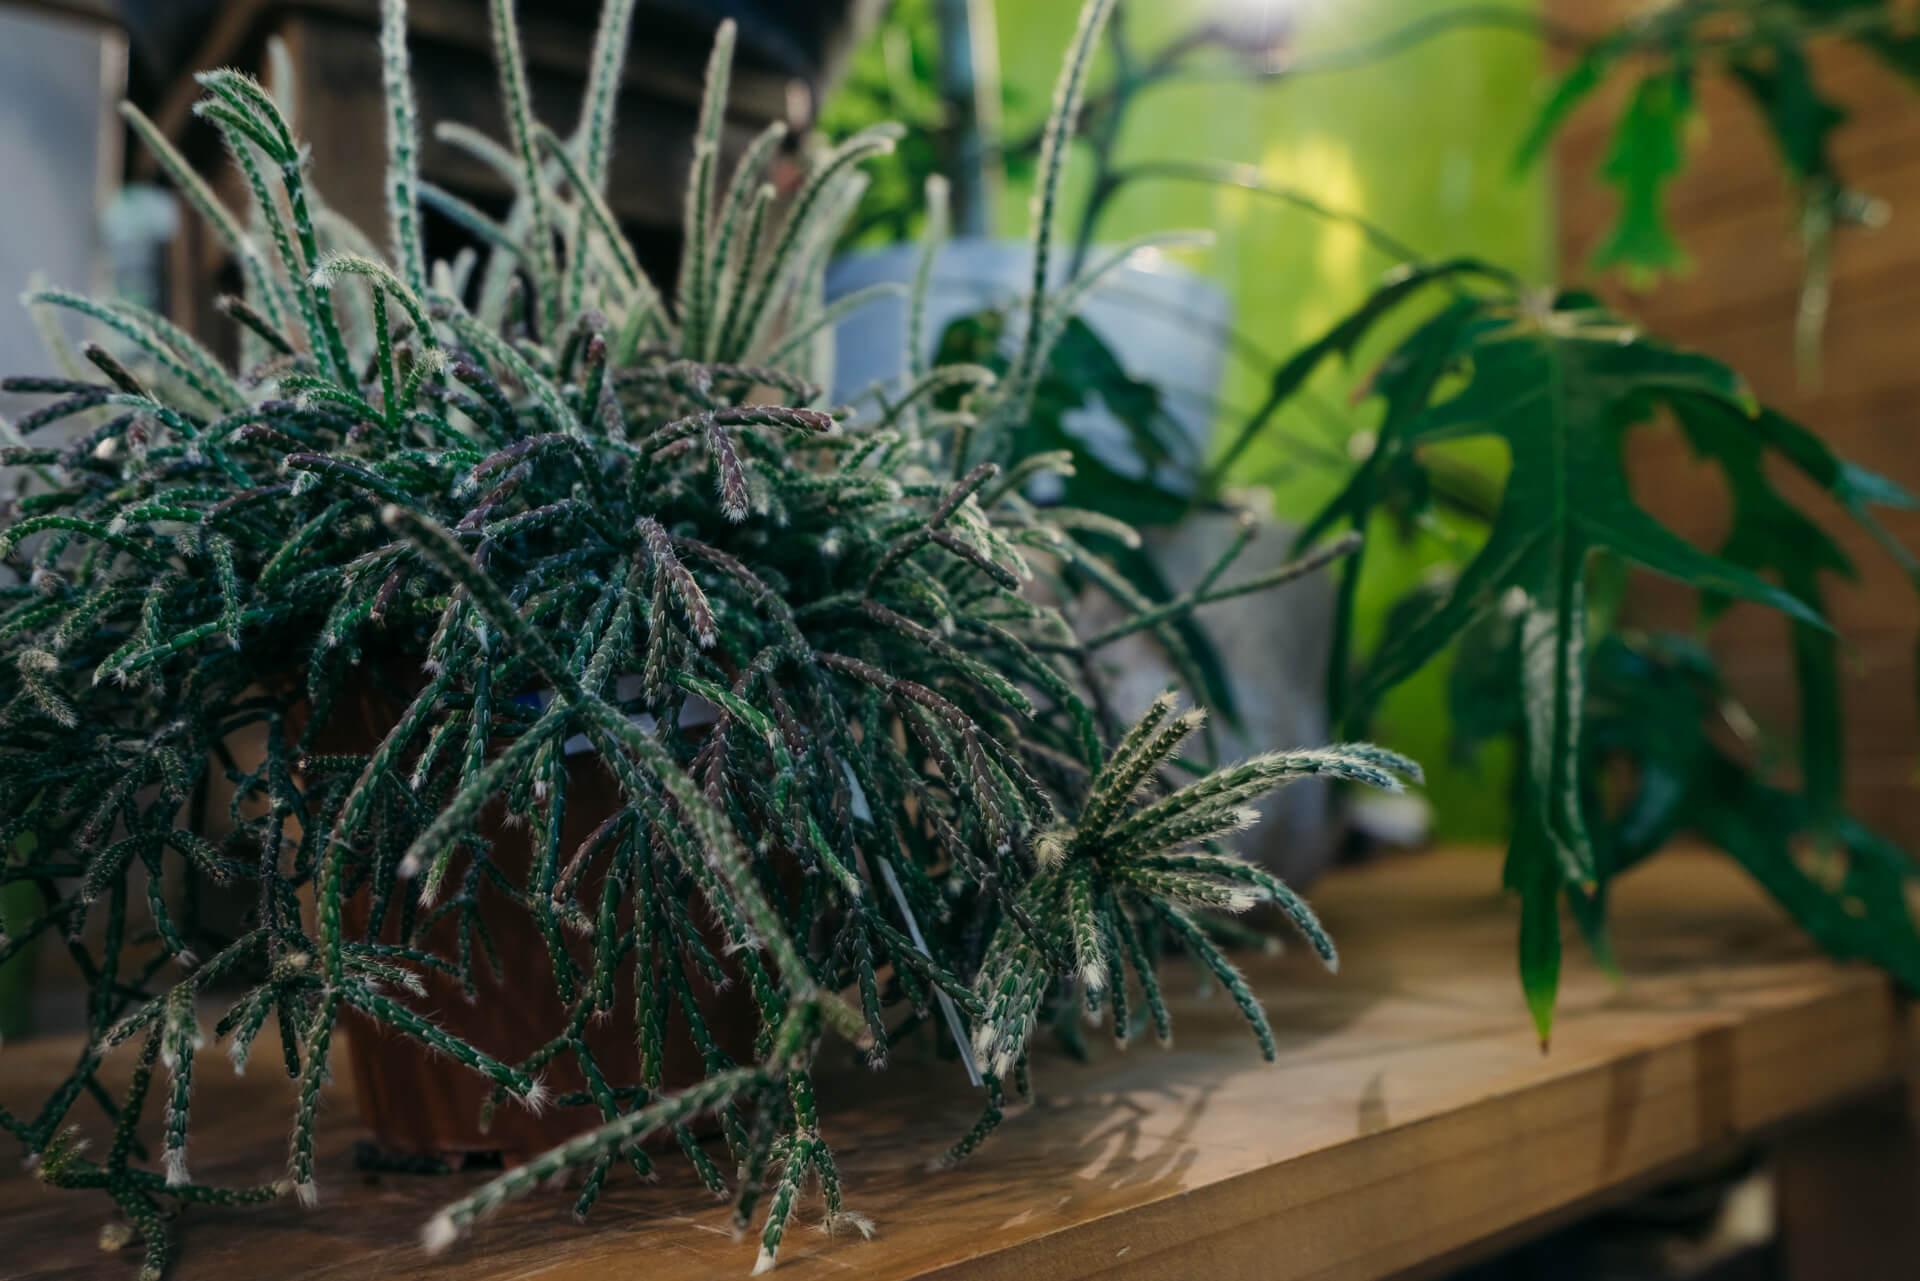 よく見かける種類の植物も、かなり大きなものがたくさんそろっているのに気がつきます。